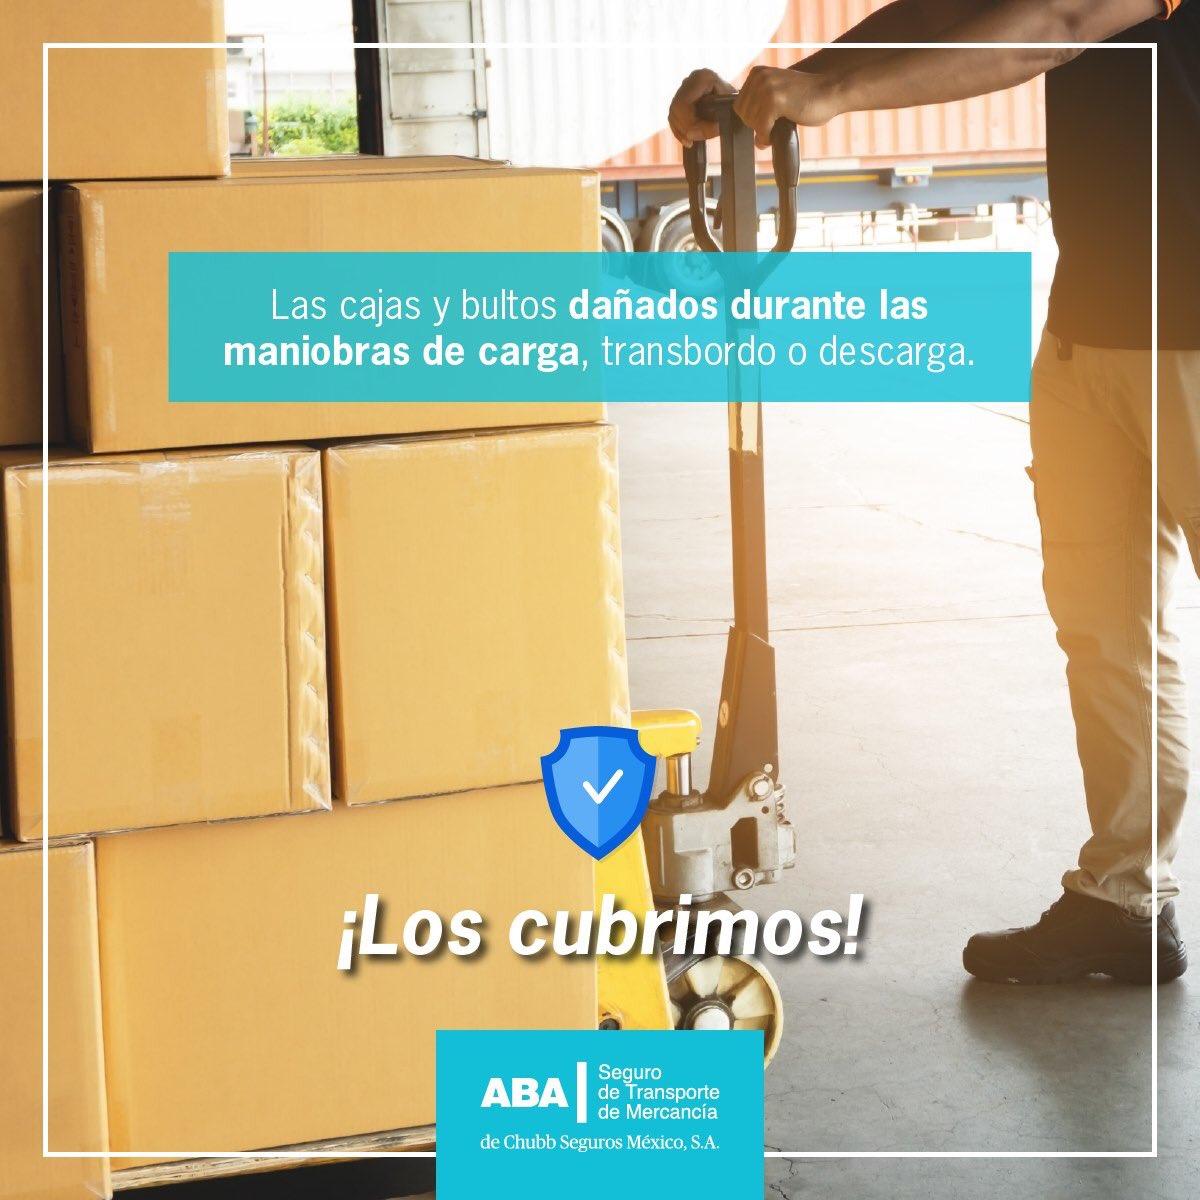 🚛 ¿Ya conoces nuestro seguro para el traslado de mercancía? Aquí puedes ver más detalles ➡️ https://t.co/GDvzc82NHV https://t.co/MtxcsO3igi